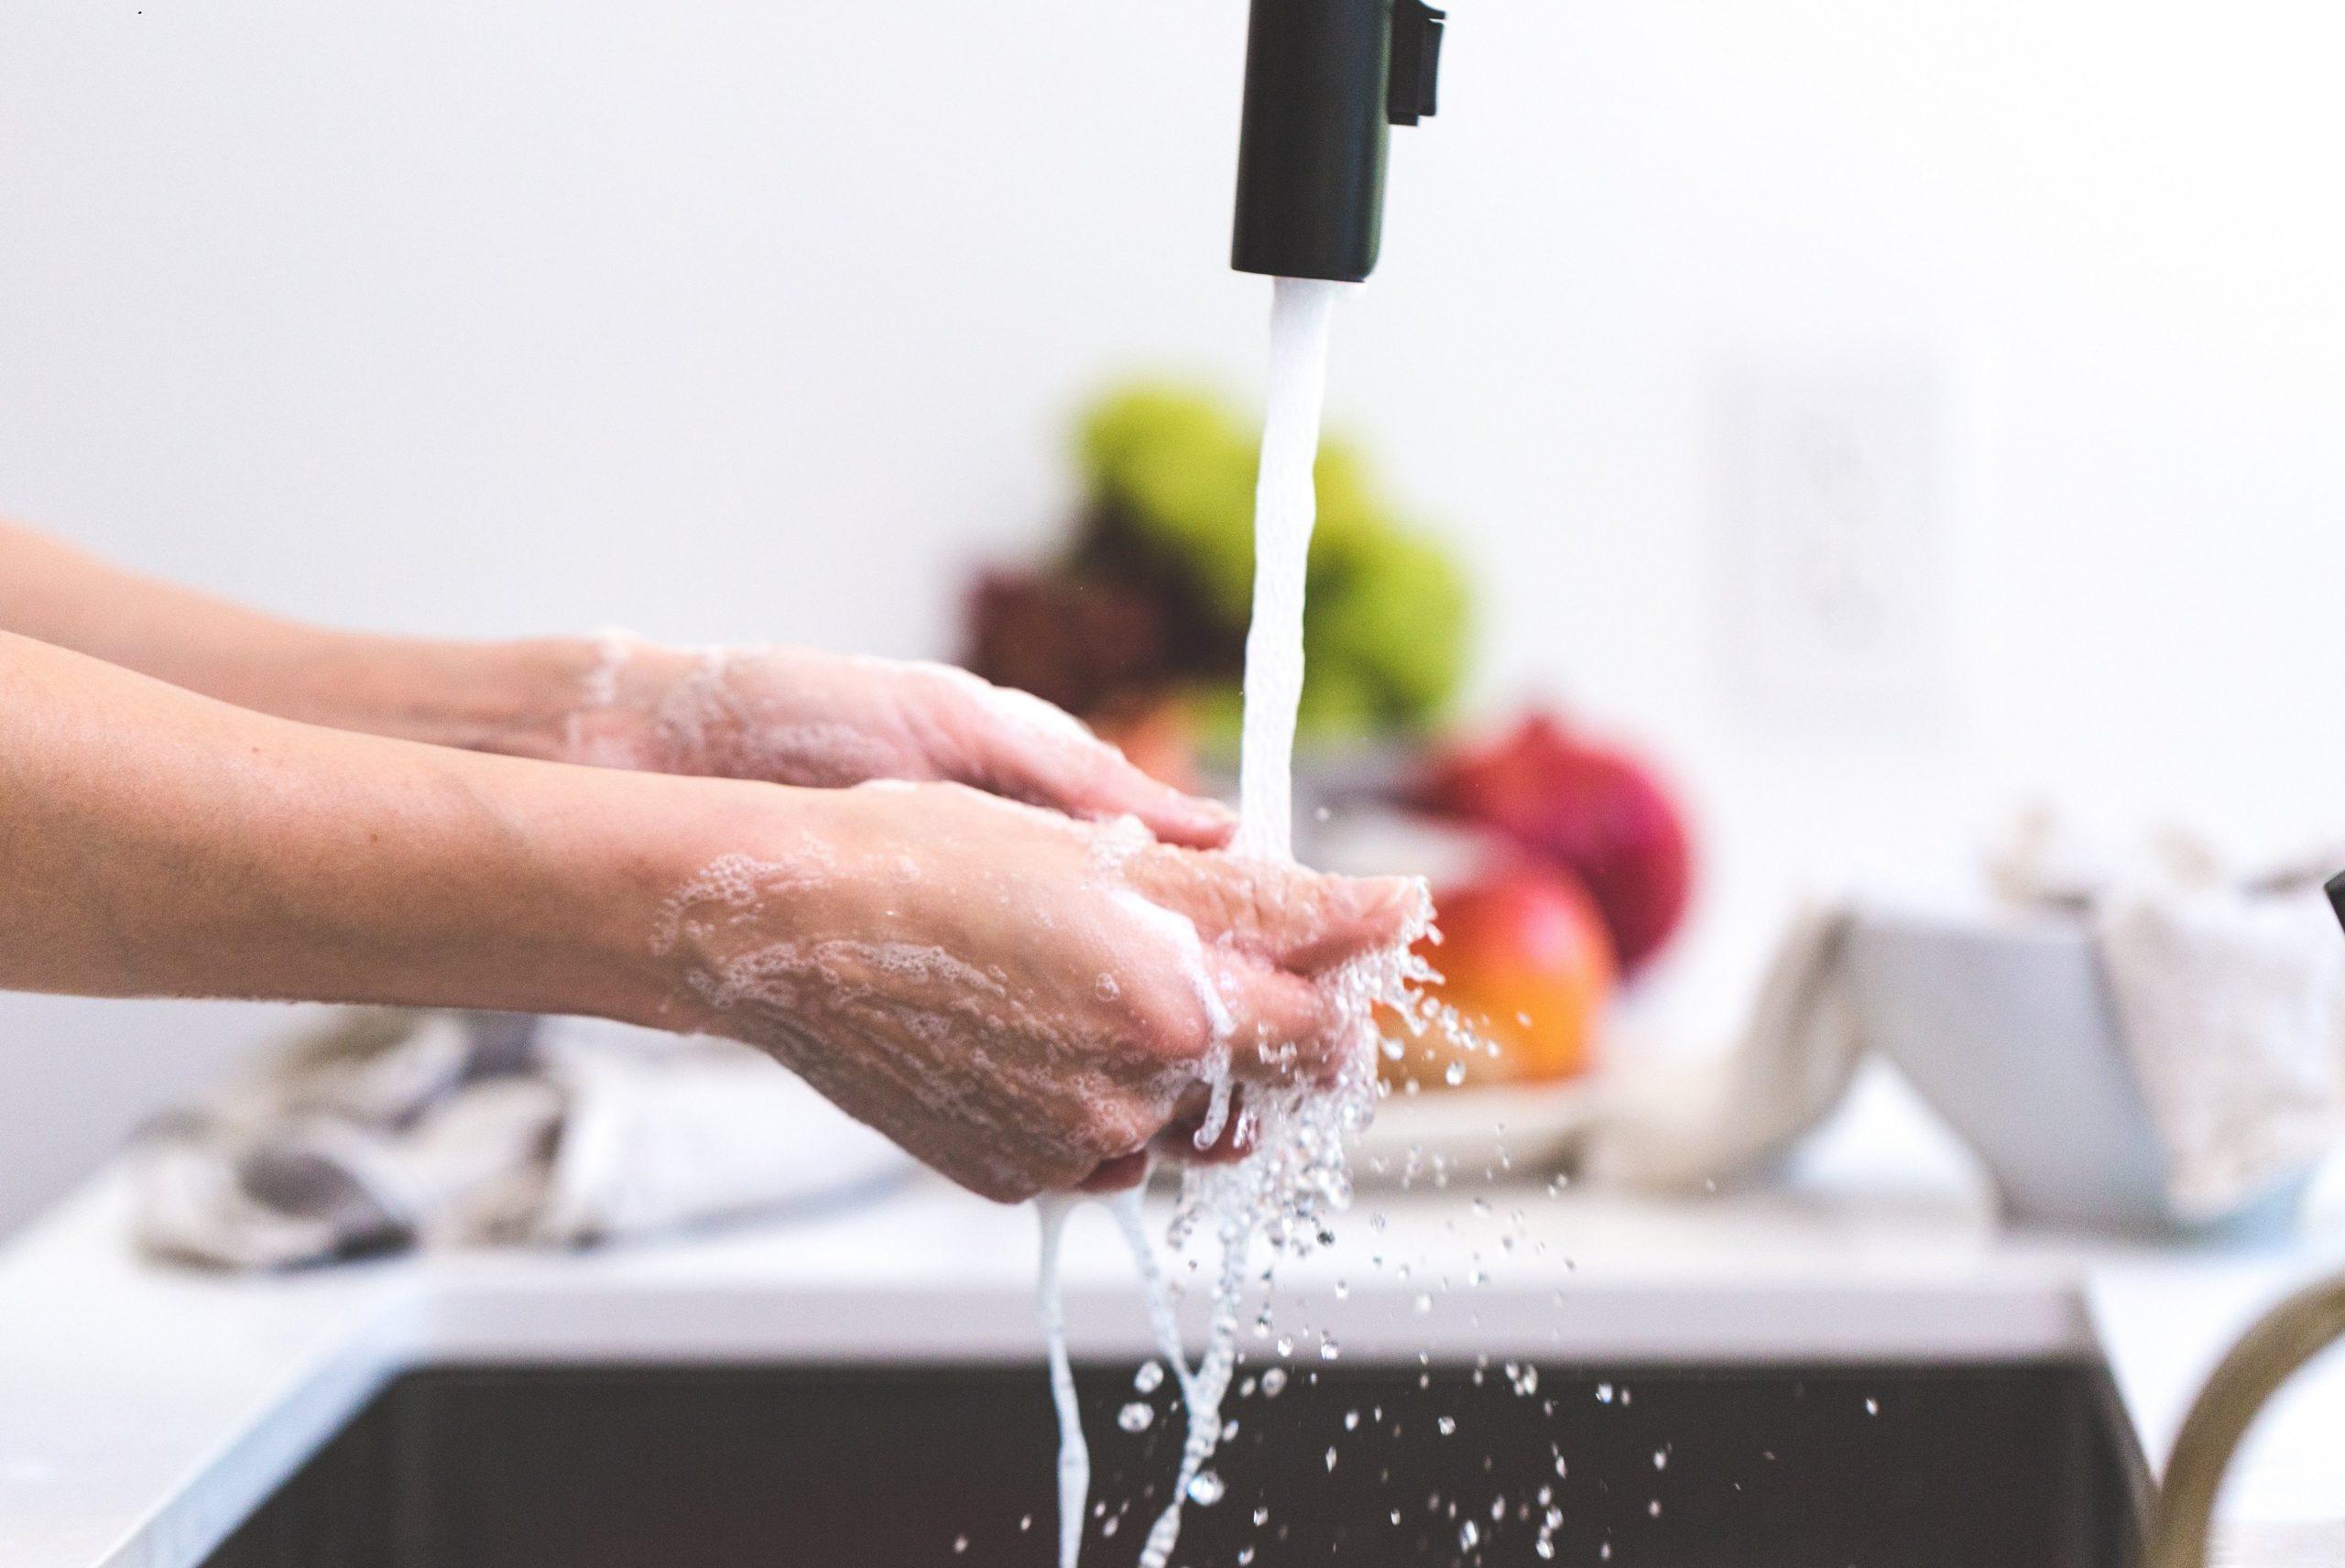 Voedselveiligheid zo kook en bak je hygiënisch, gezond en veilig